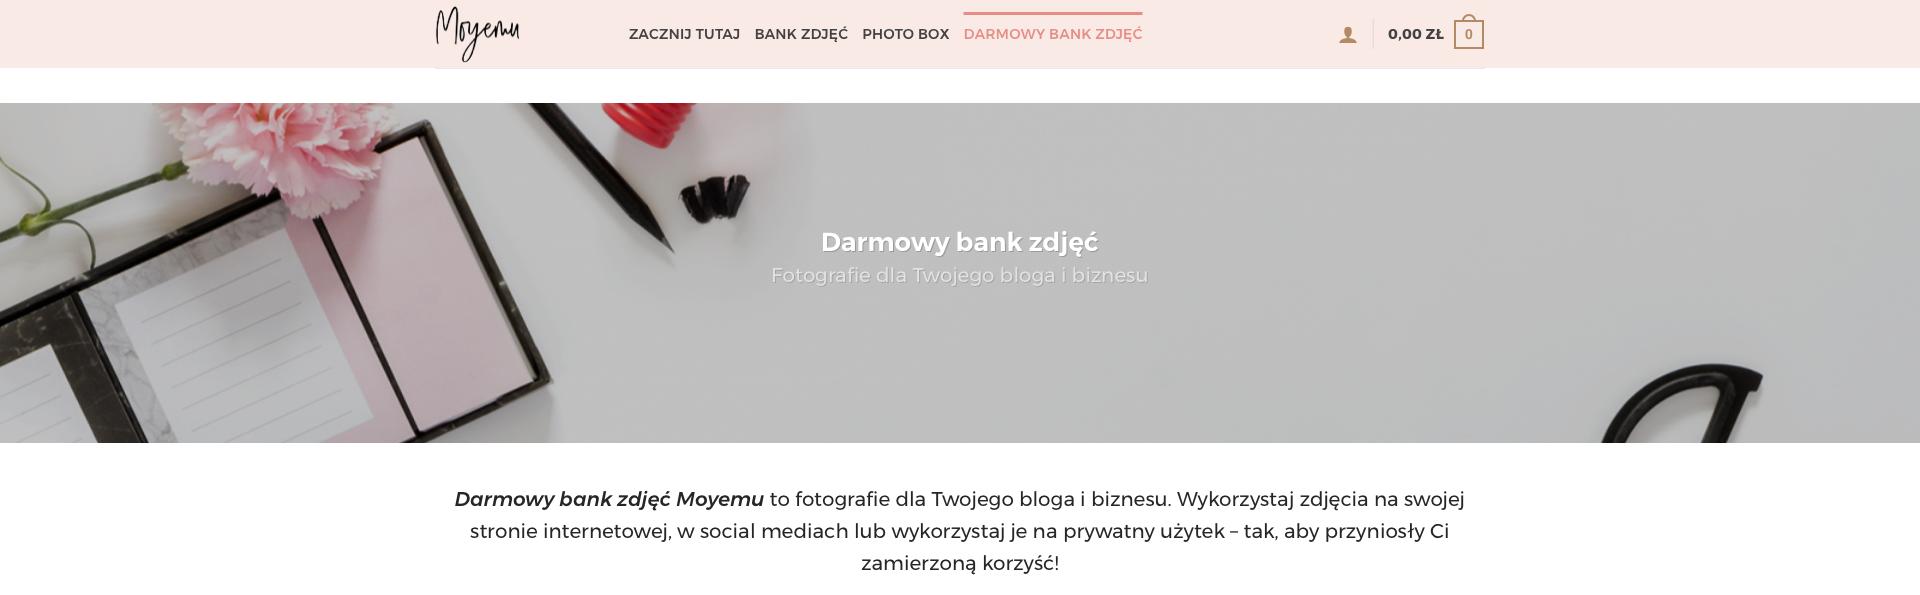 Poradnik: Jak wykorzystać zdjęcia z banku zdjęć Moyemu?